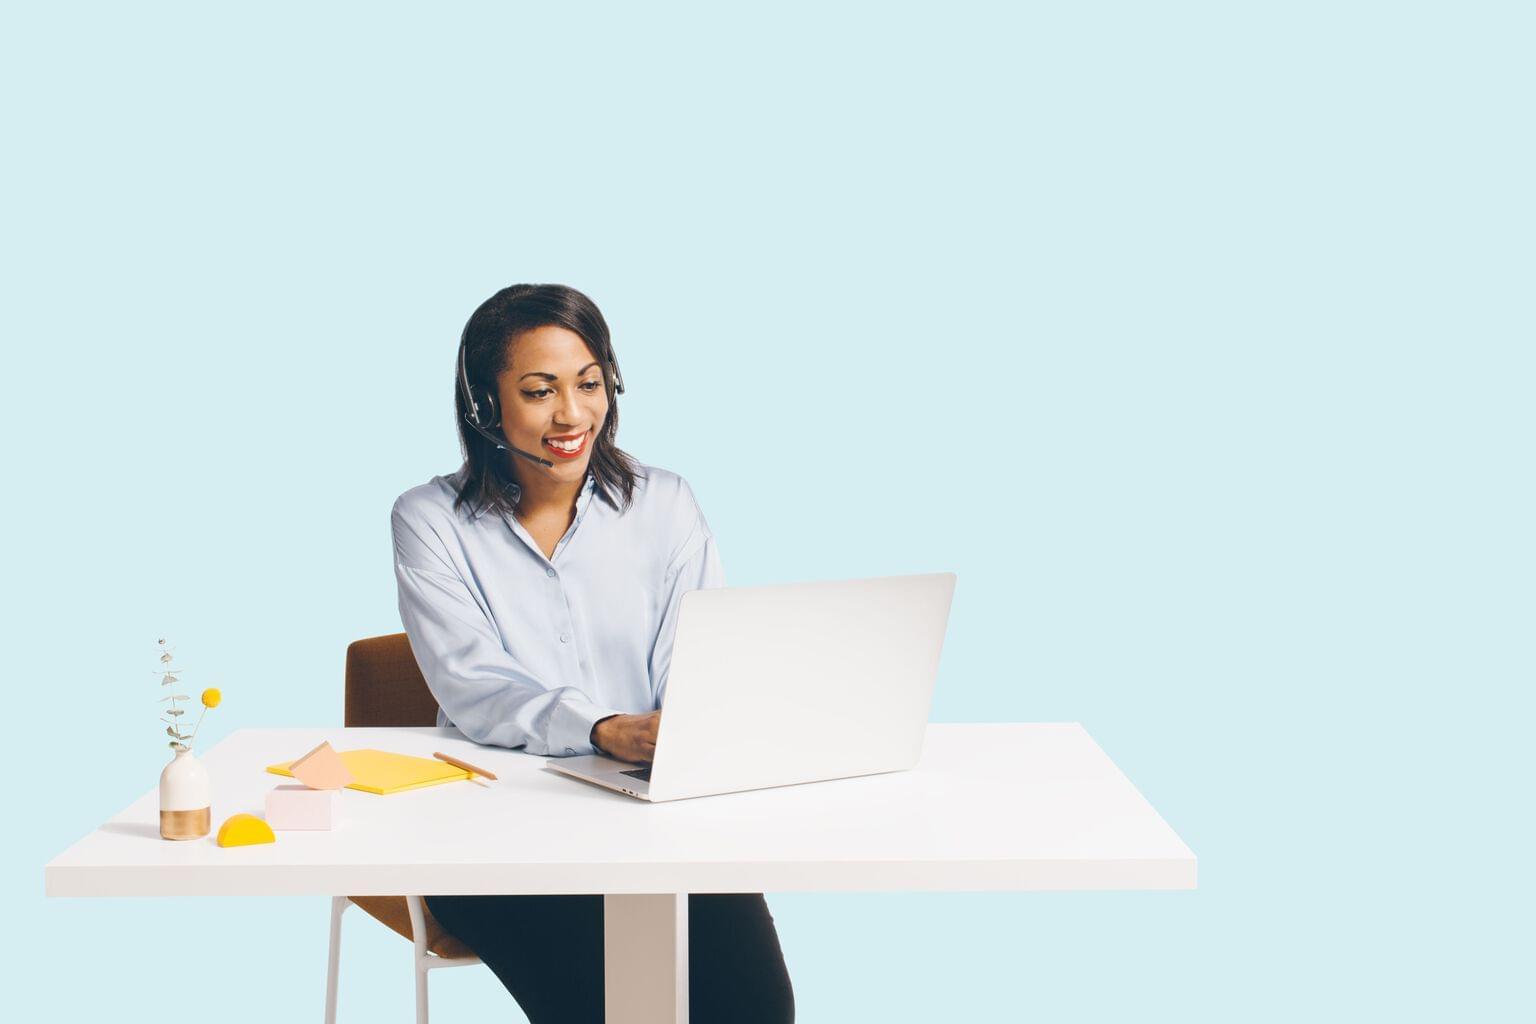 HR help desk agent